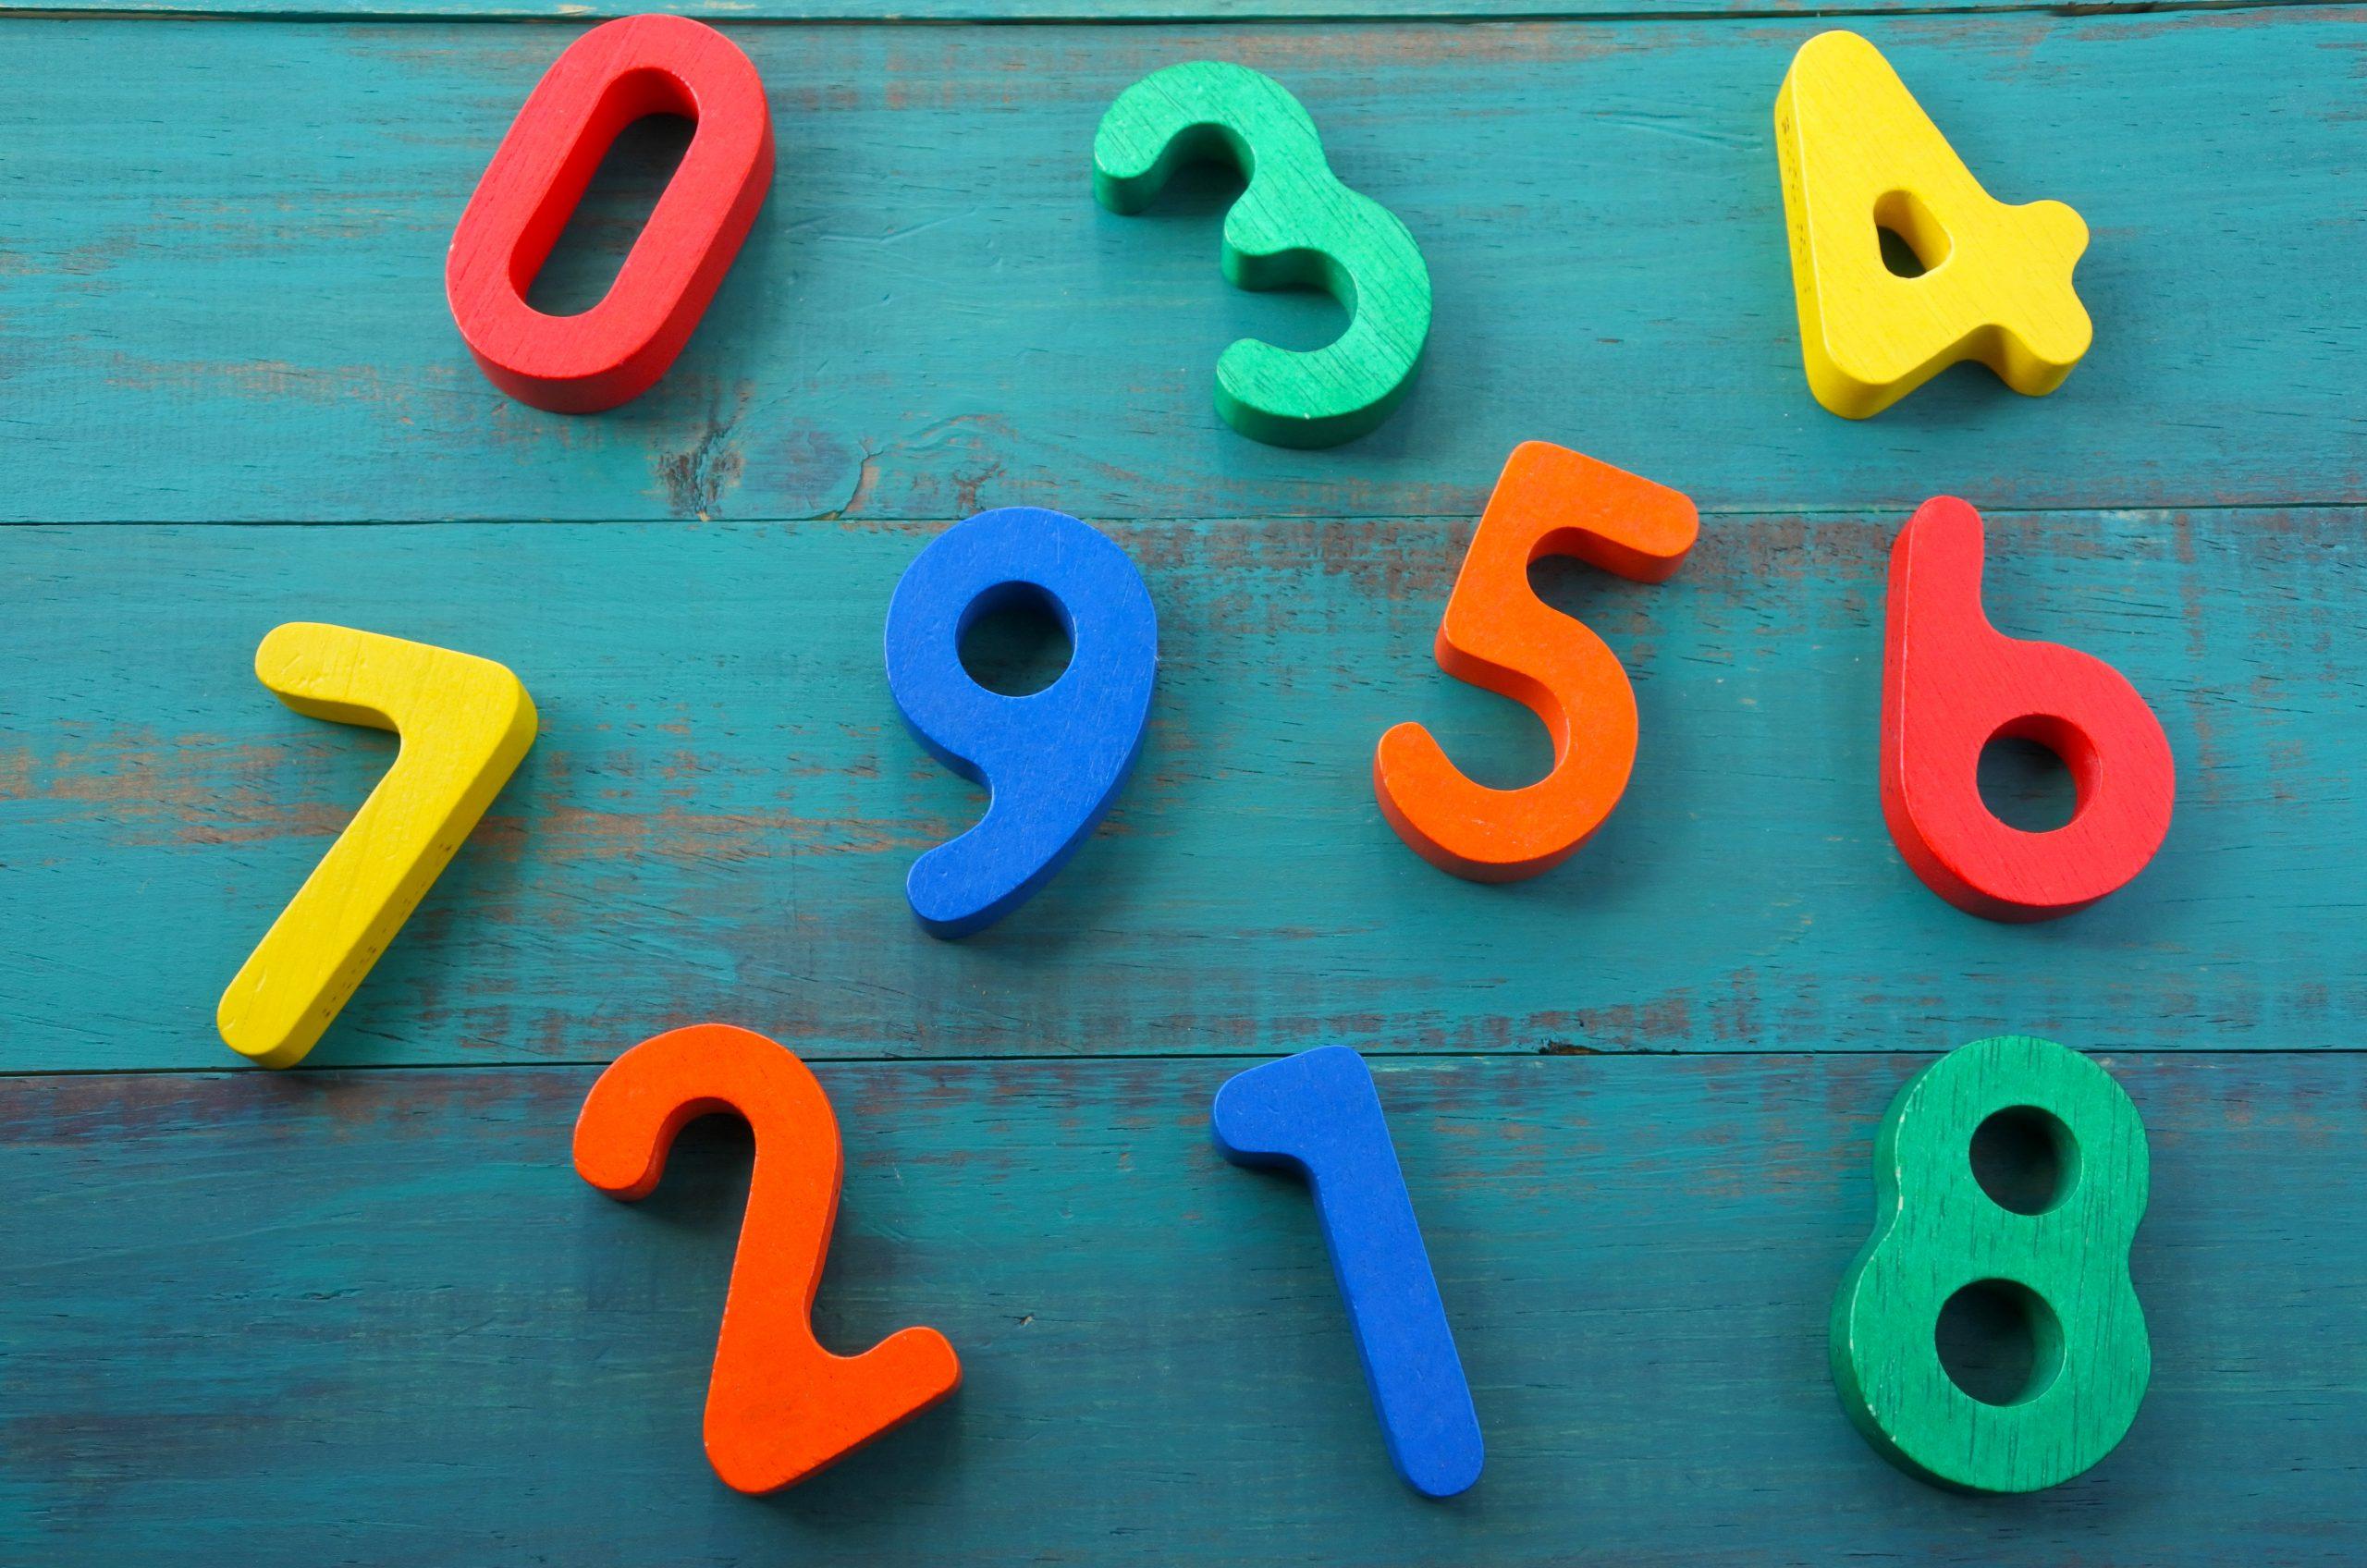 Mathe Lernvideos Eine Anregung für nachhaltiges Lernen und Lehren ...